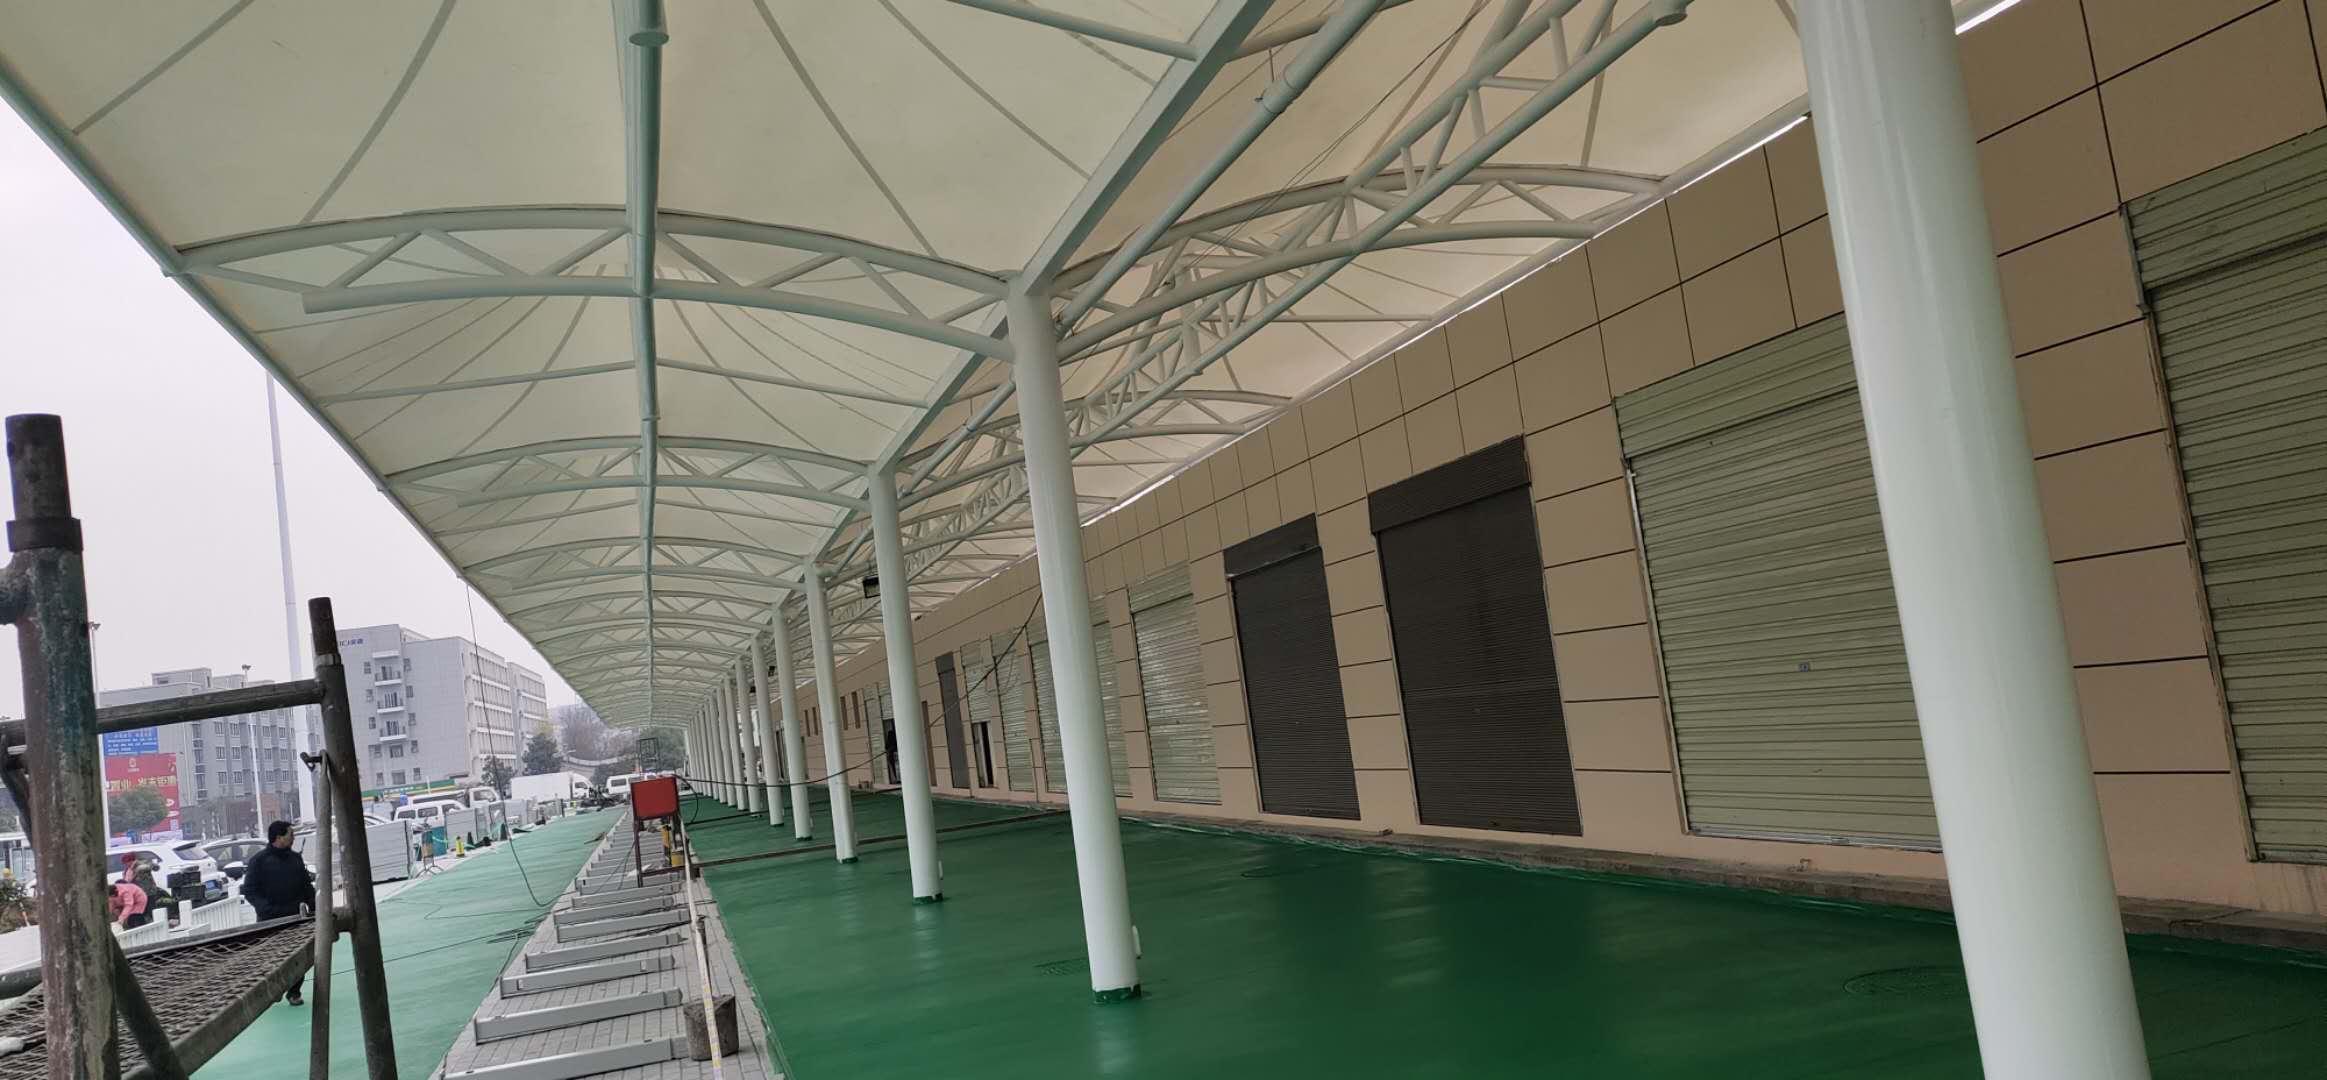 安康火车站站前广场整治工程膜结构项目